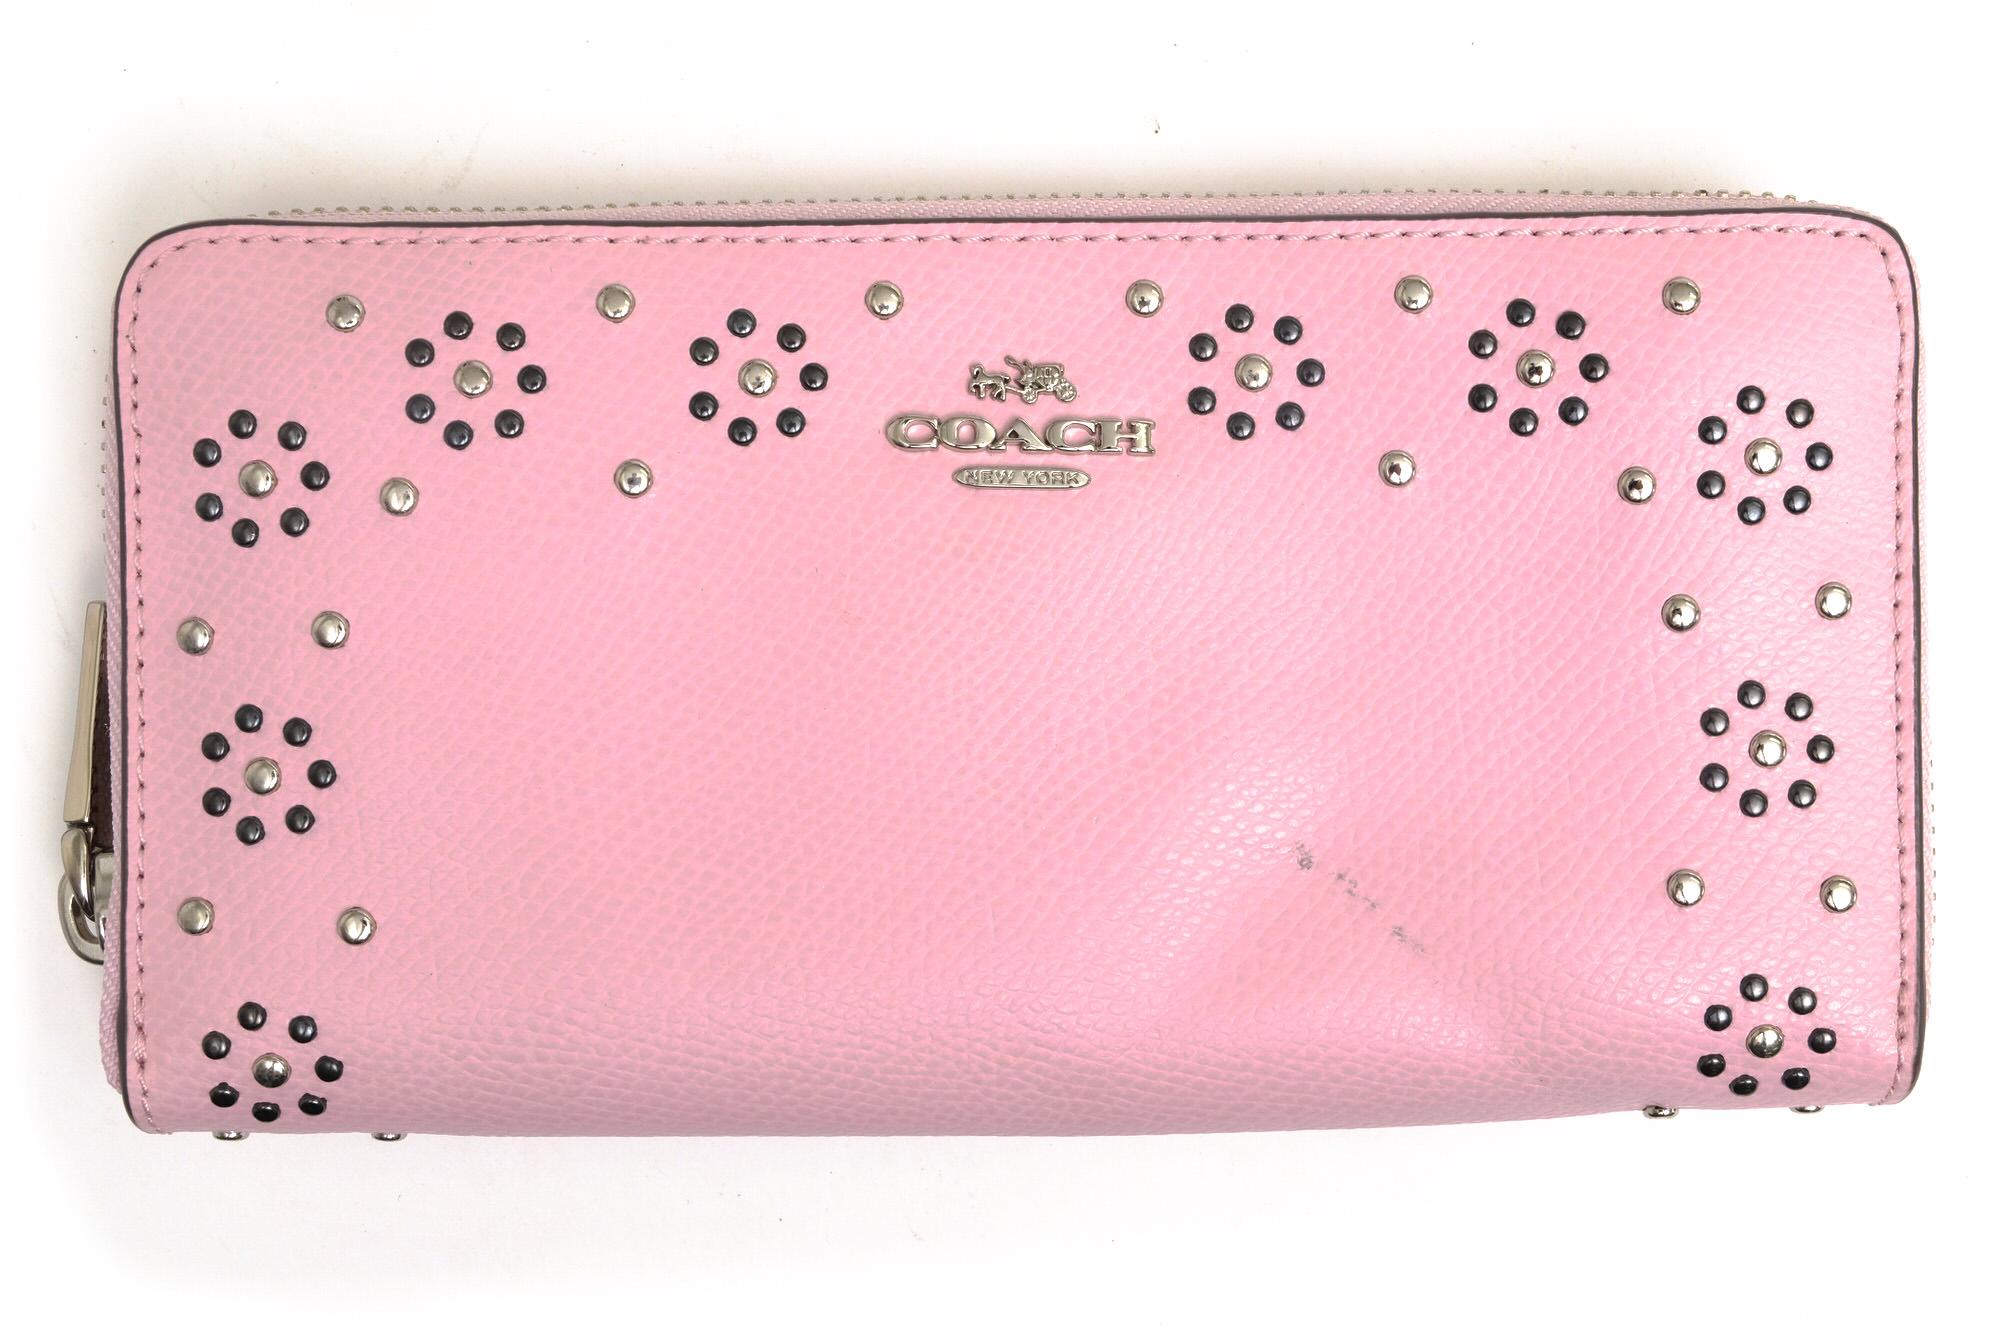 brand new 9e9eb f45a8 コーチ / COACH 長財布 レディース ピンク